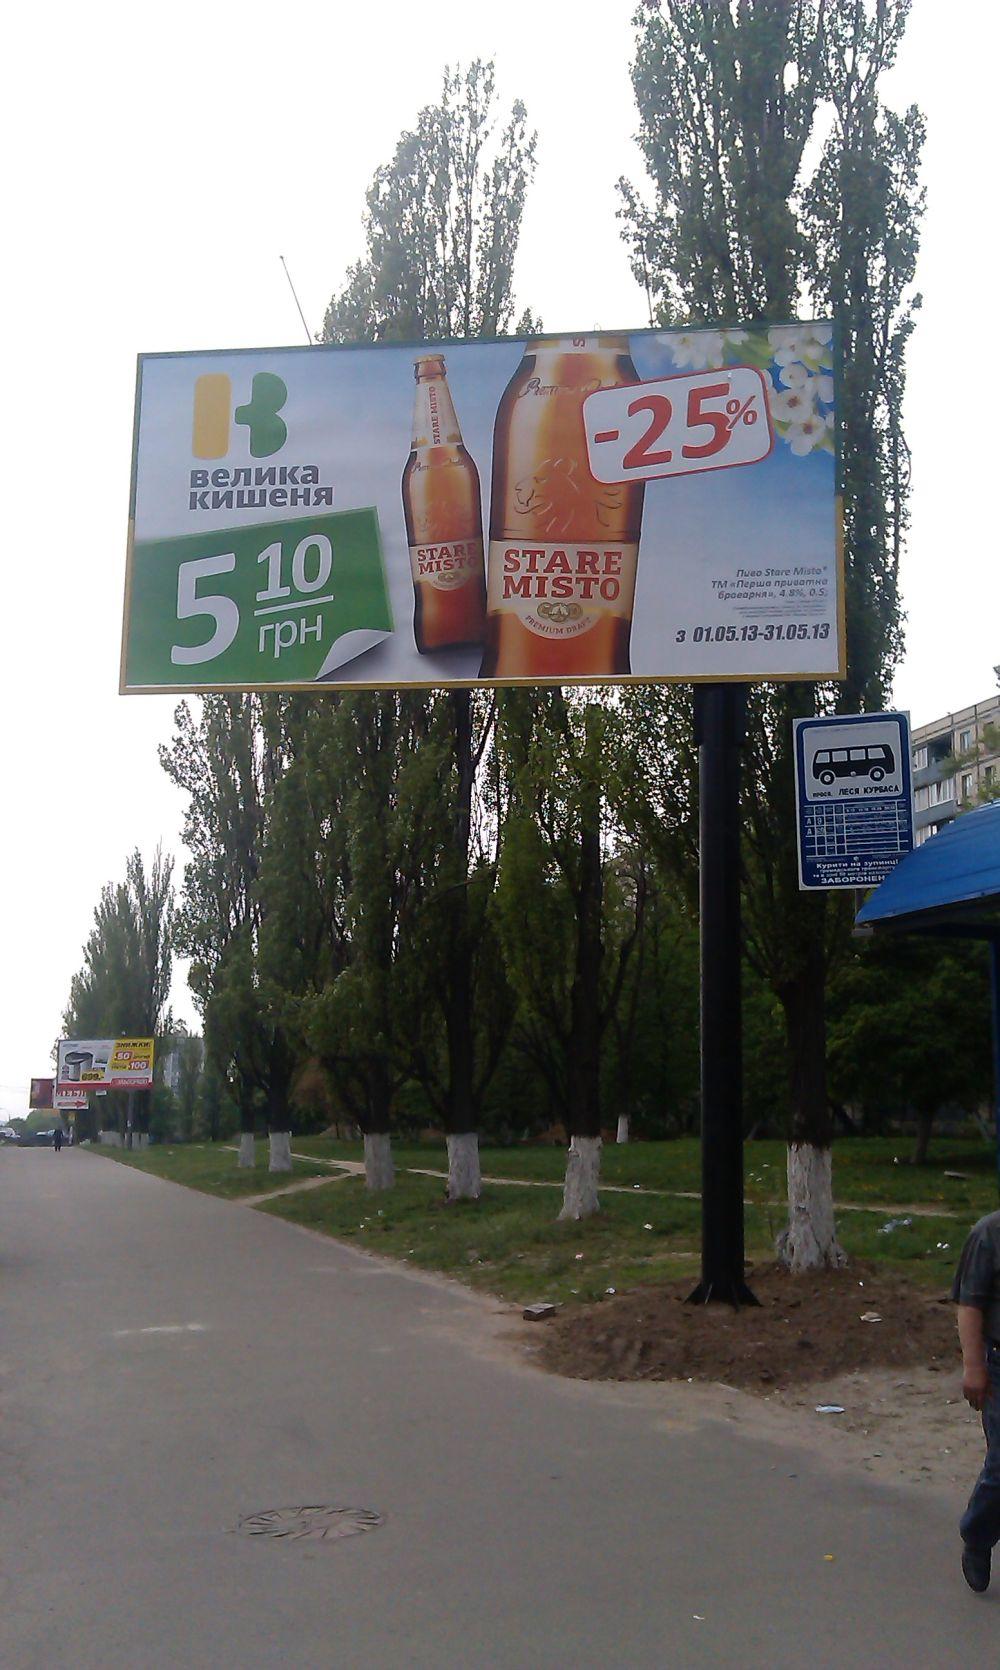 izgotovlenie_i_montazh_reklamnyh_konstrukczij_razlichnoj_slozhnosti